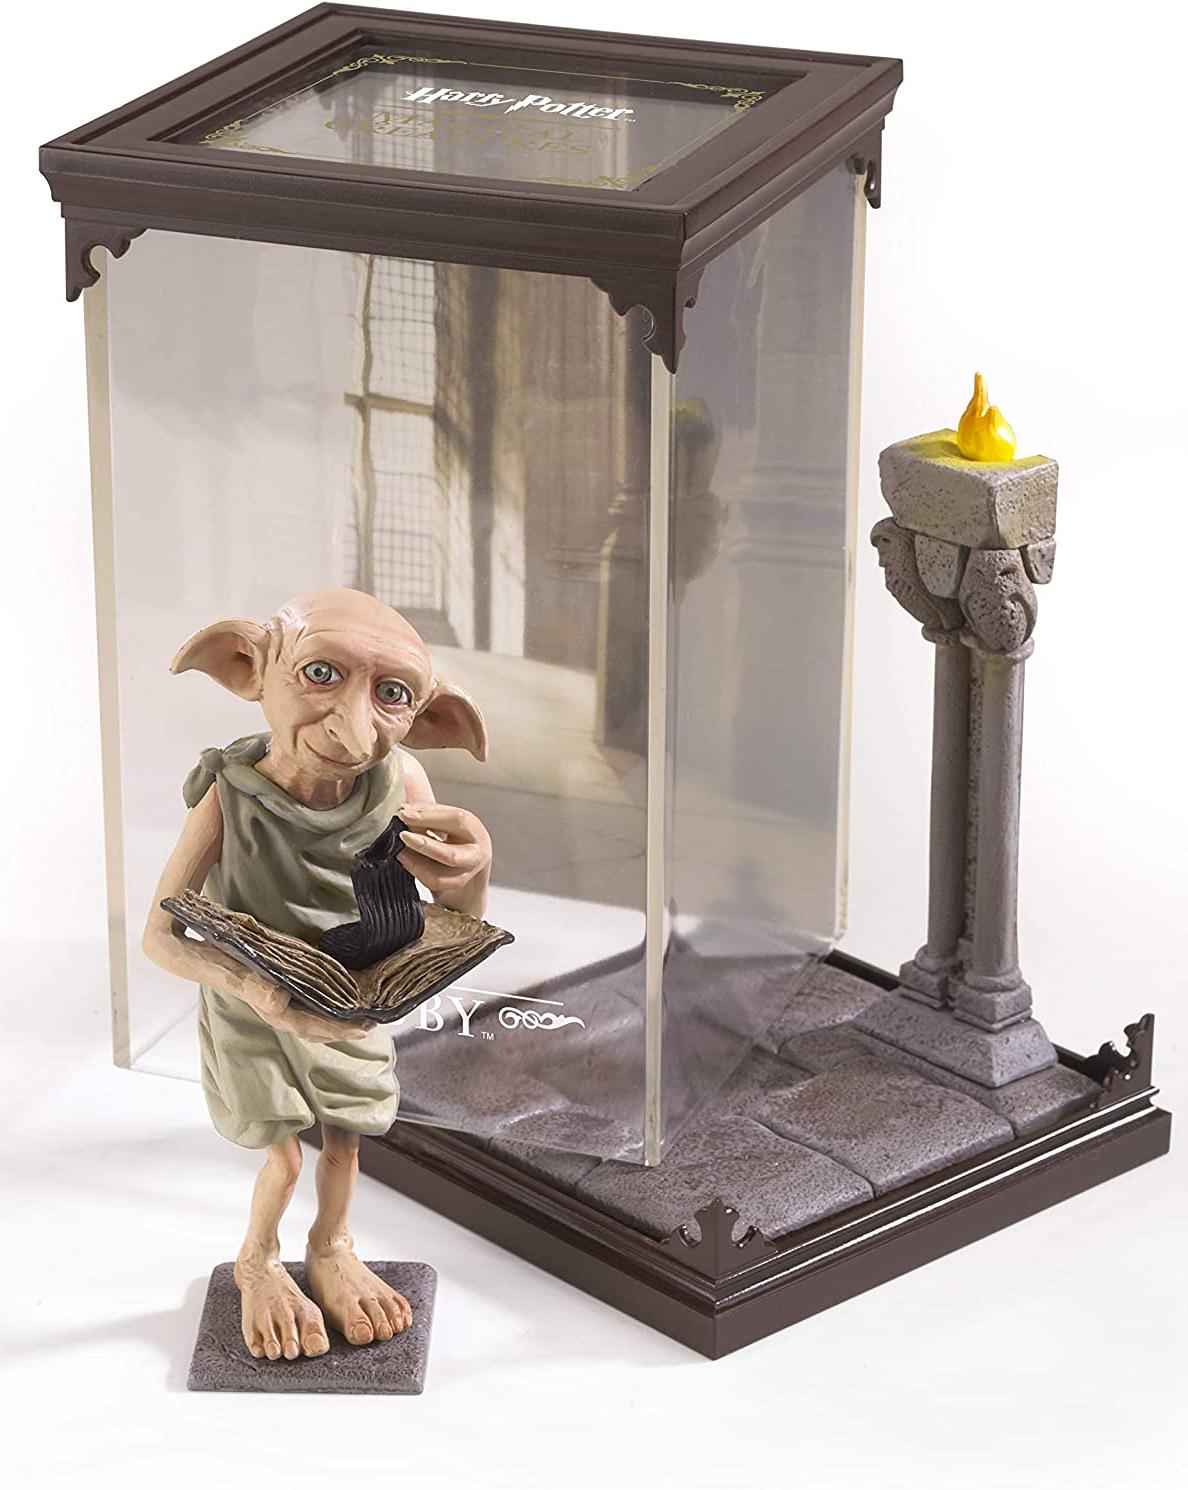 Фигурка Harry Potter: Dobby Magical Creatures (18,5см) фигурка harry potter fawkes the phoenix magical creatures 18 5 см